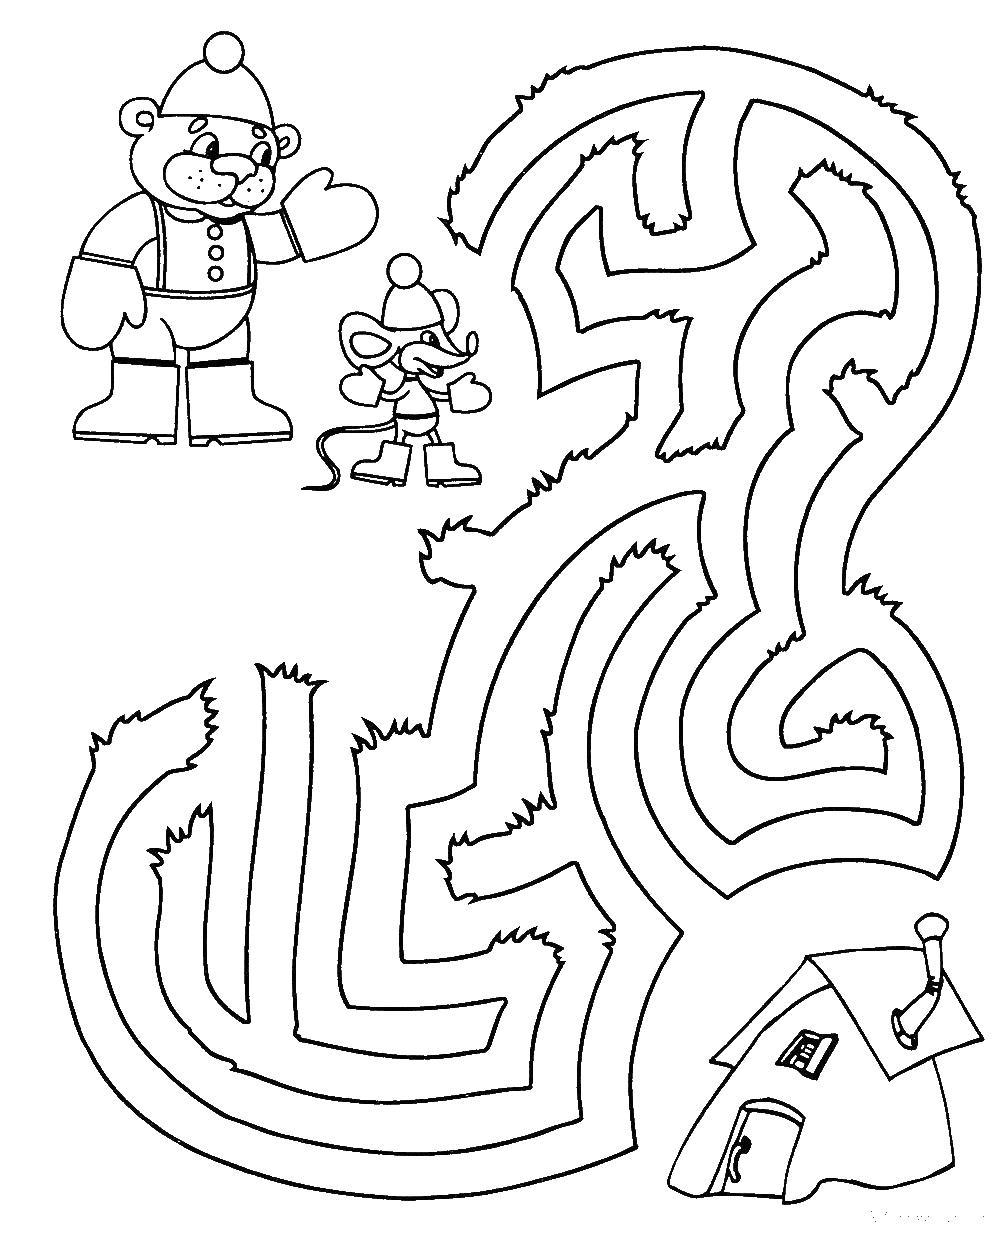 Животные Раскраски раскраска лабиринт детская раскраска-лабиринт Раскраски распечатать